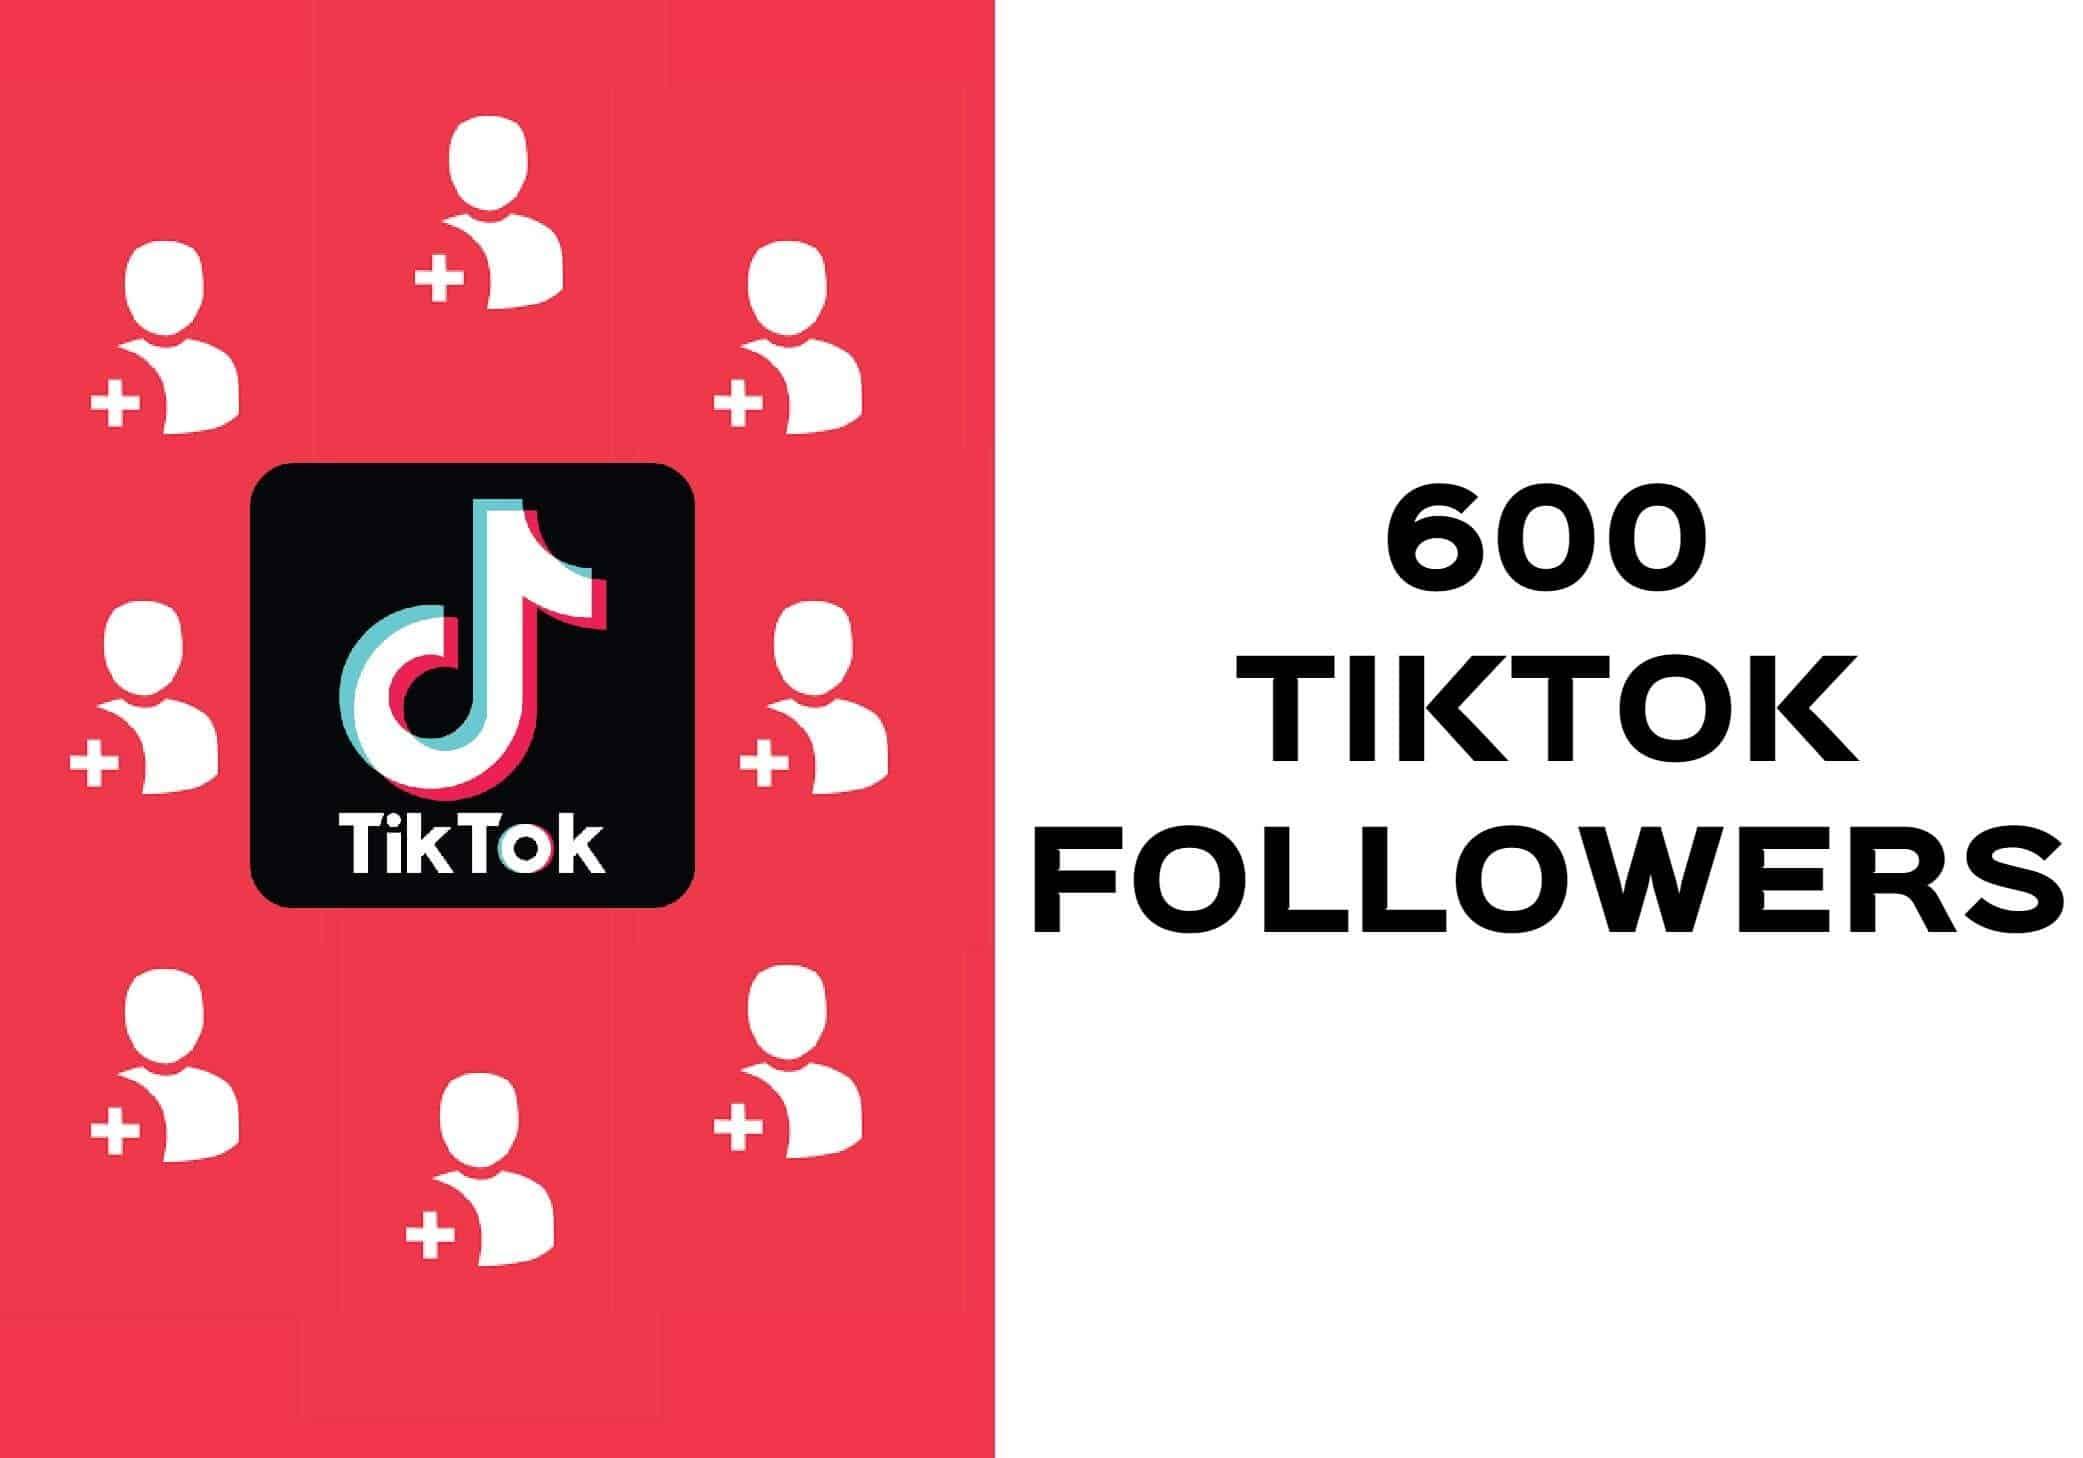 Free Tik Tok Fans How To Get Free Tik Tok Followers 2019 ...  |Tiktok Followers